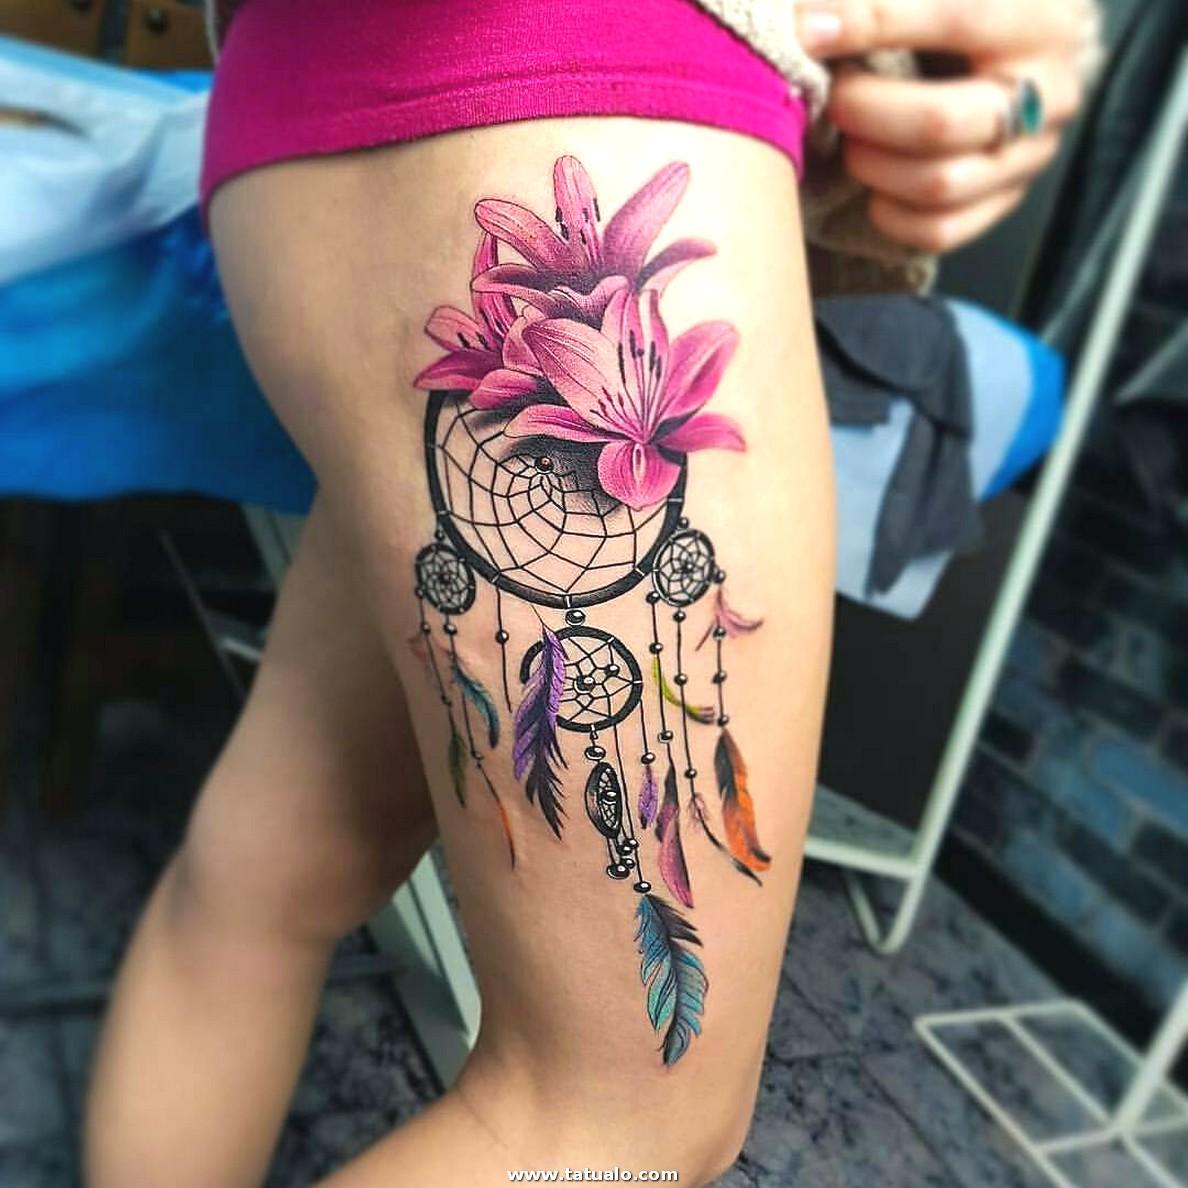 Tatuaje Atrapasuenos Flores Pierna